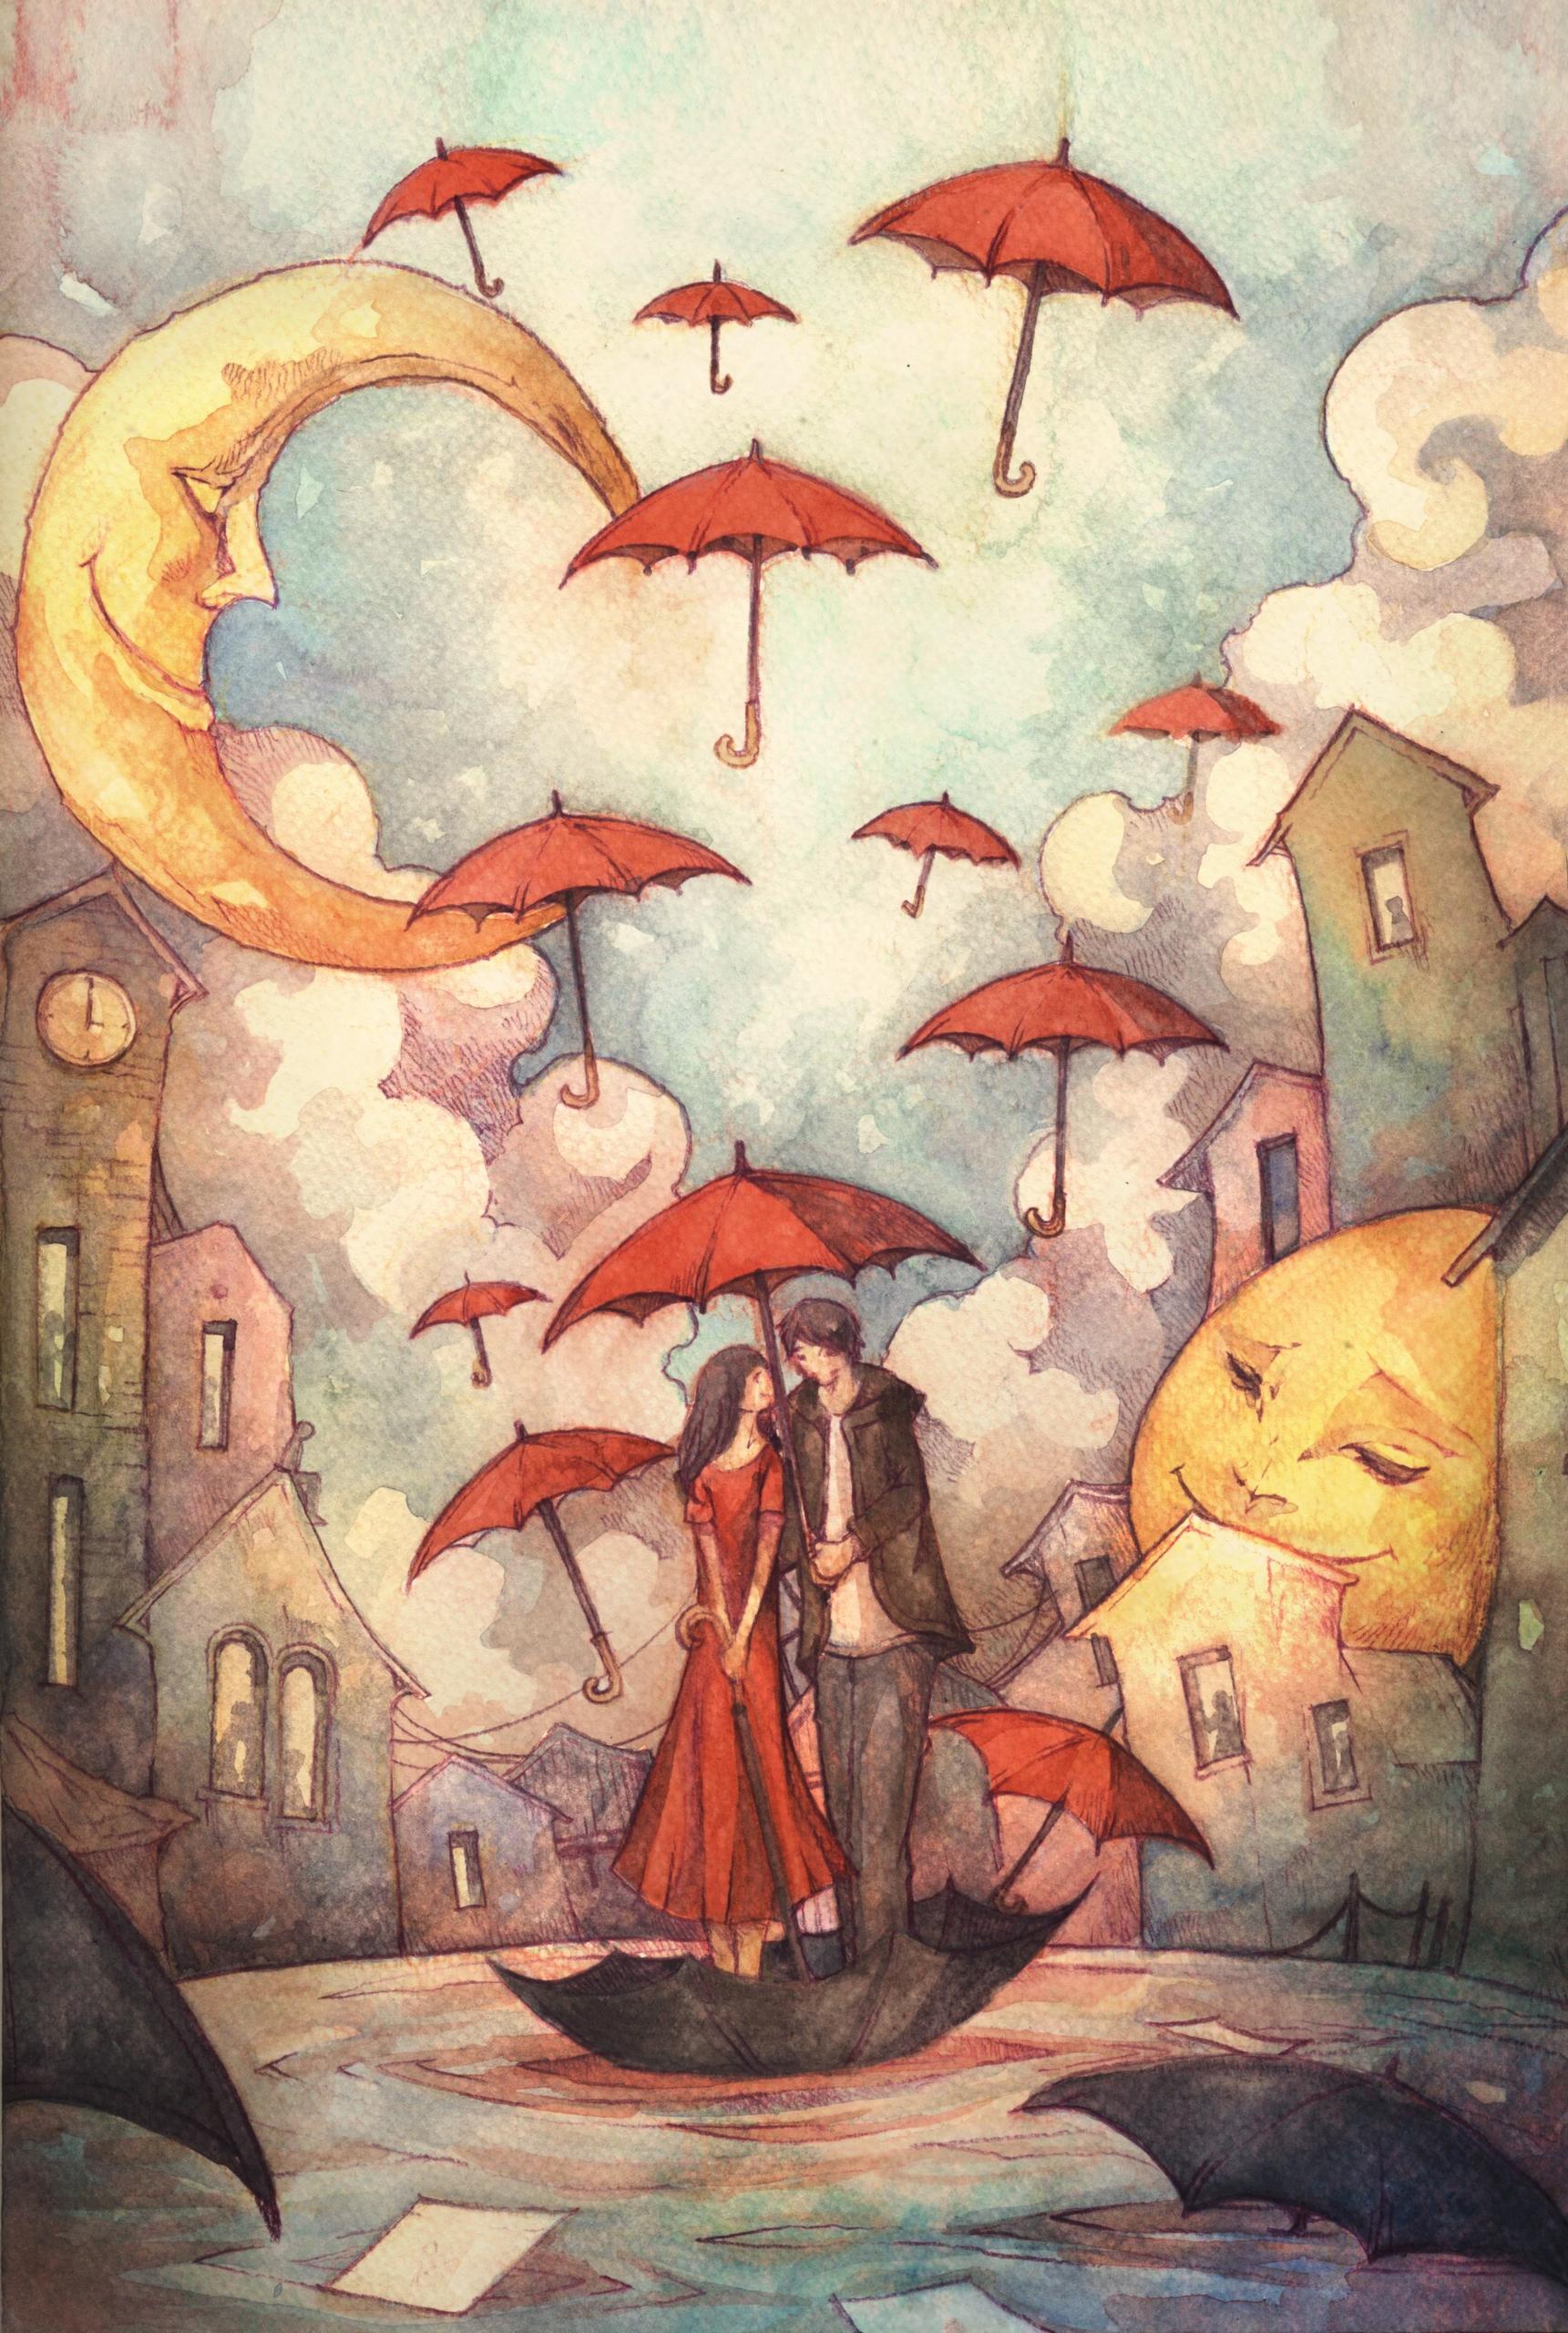 hopes floats - illustration, lovestory - azisanoor | ello